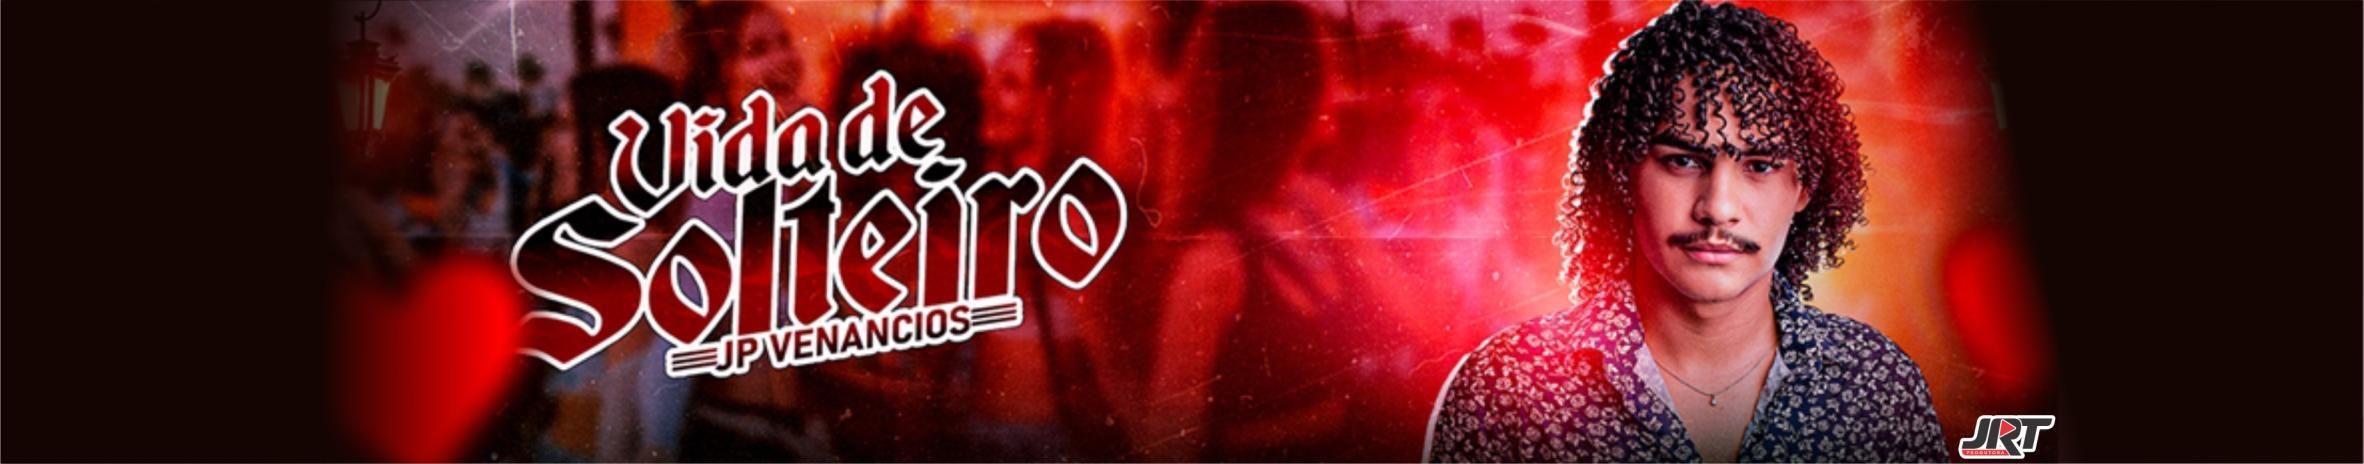 Imagem de capa de Jp Venancios